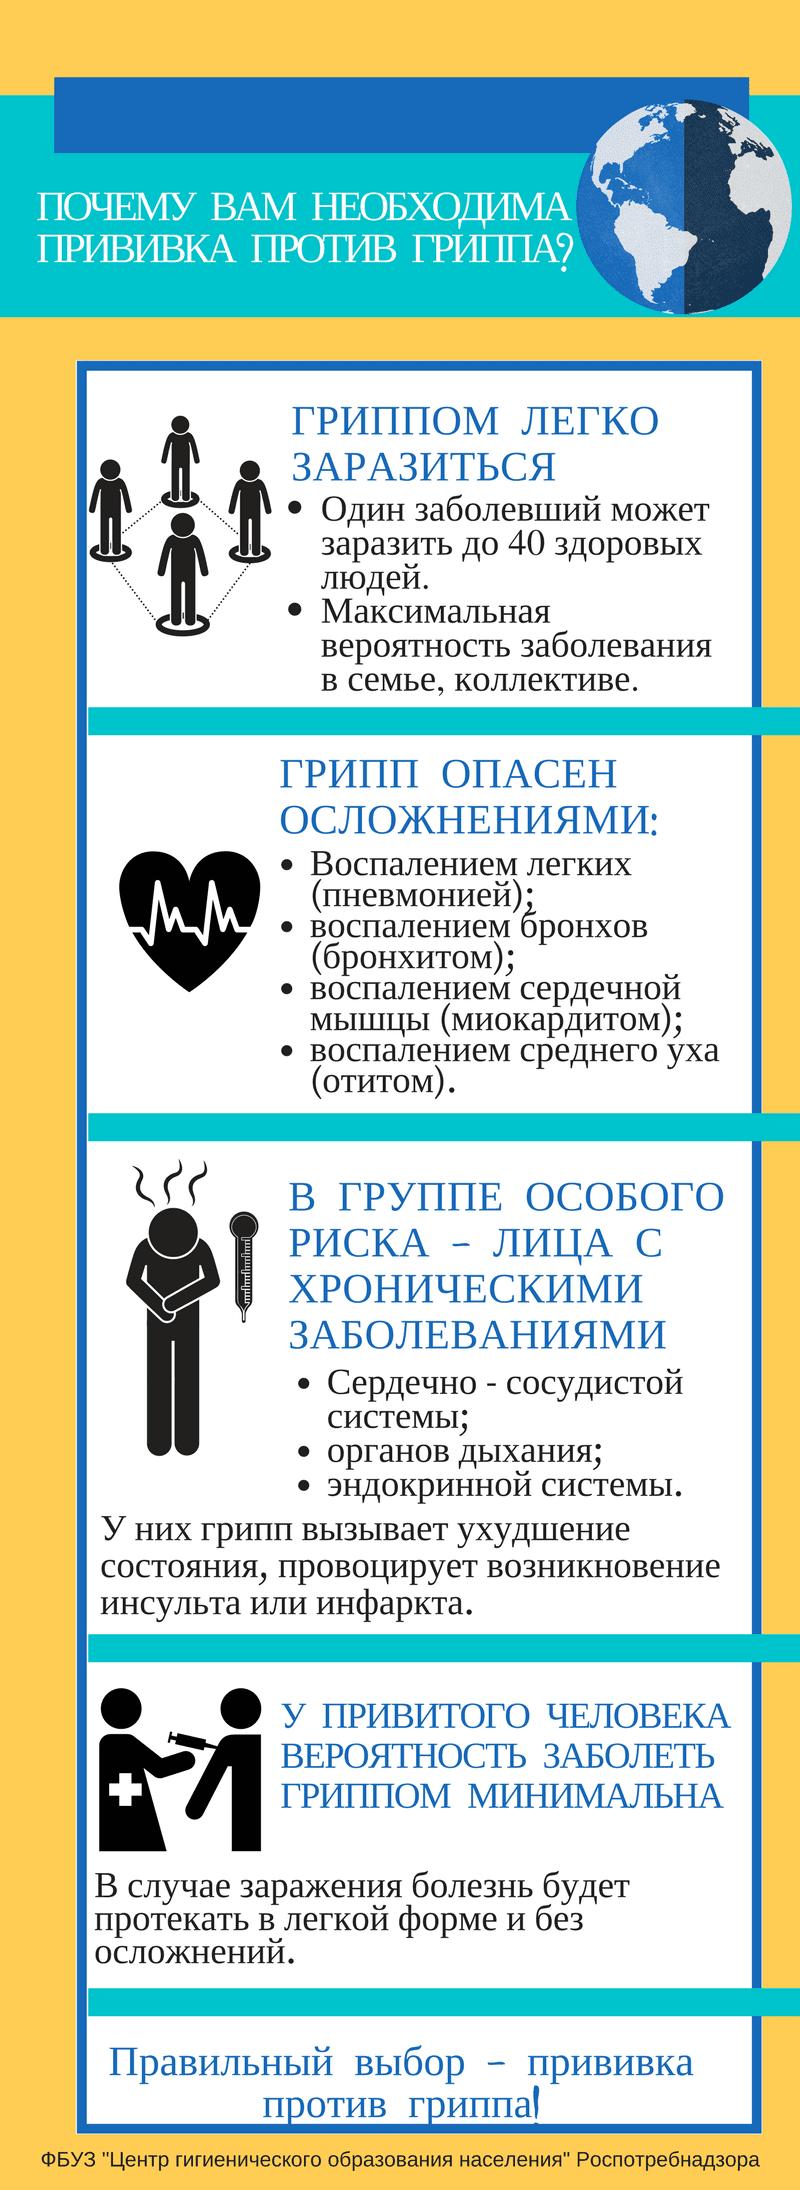 Орви у грудничка: симптомы простуды у новорожденных и детей до года, лечение и профилактика